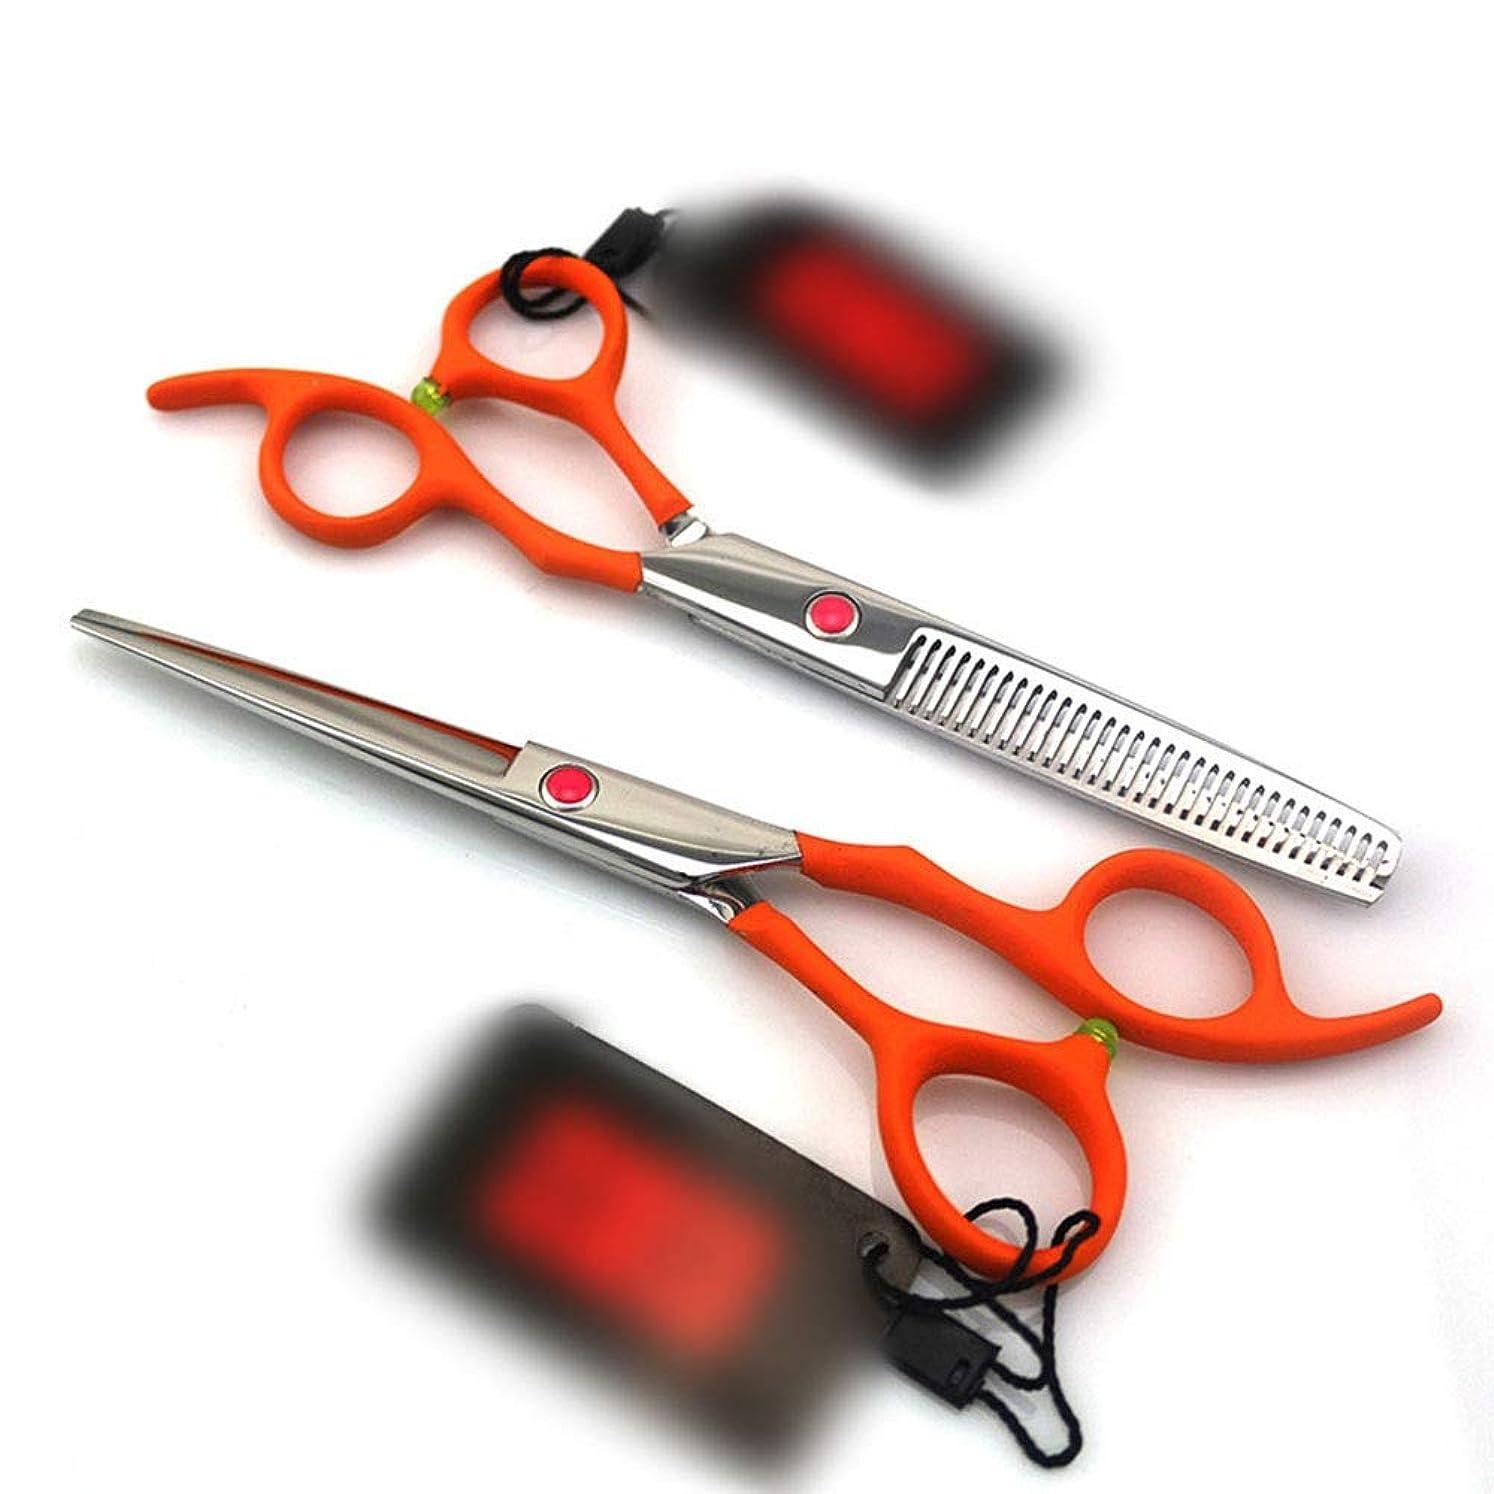 足枷カレンダー反響するBlian1 6.0インチオレンジプロフェッショナルヘアカットはさみフラット+歯シザー理髪ツール (色 : オレンジ)